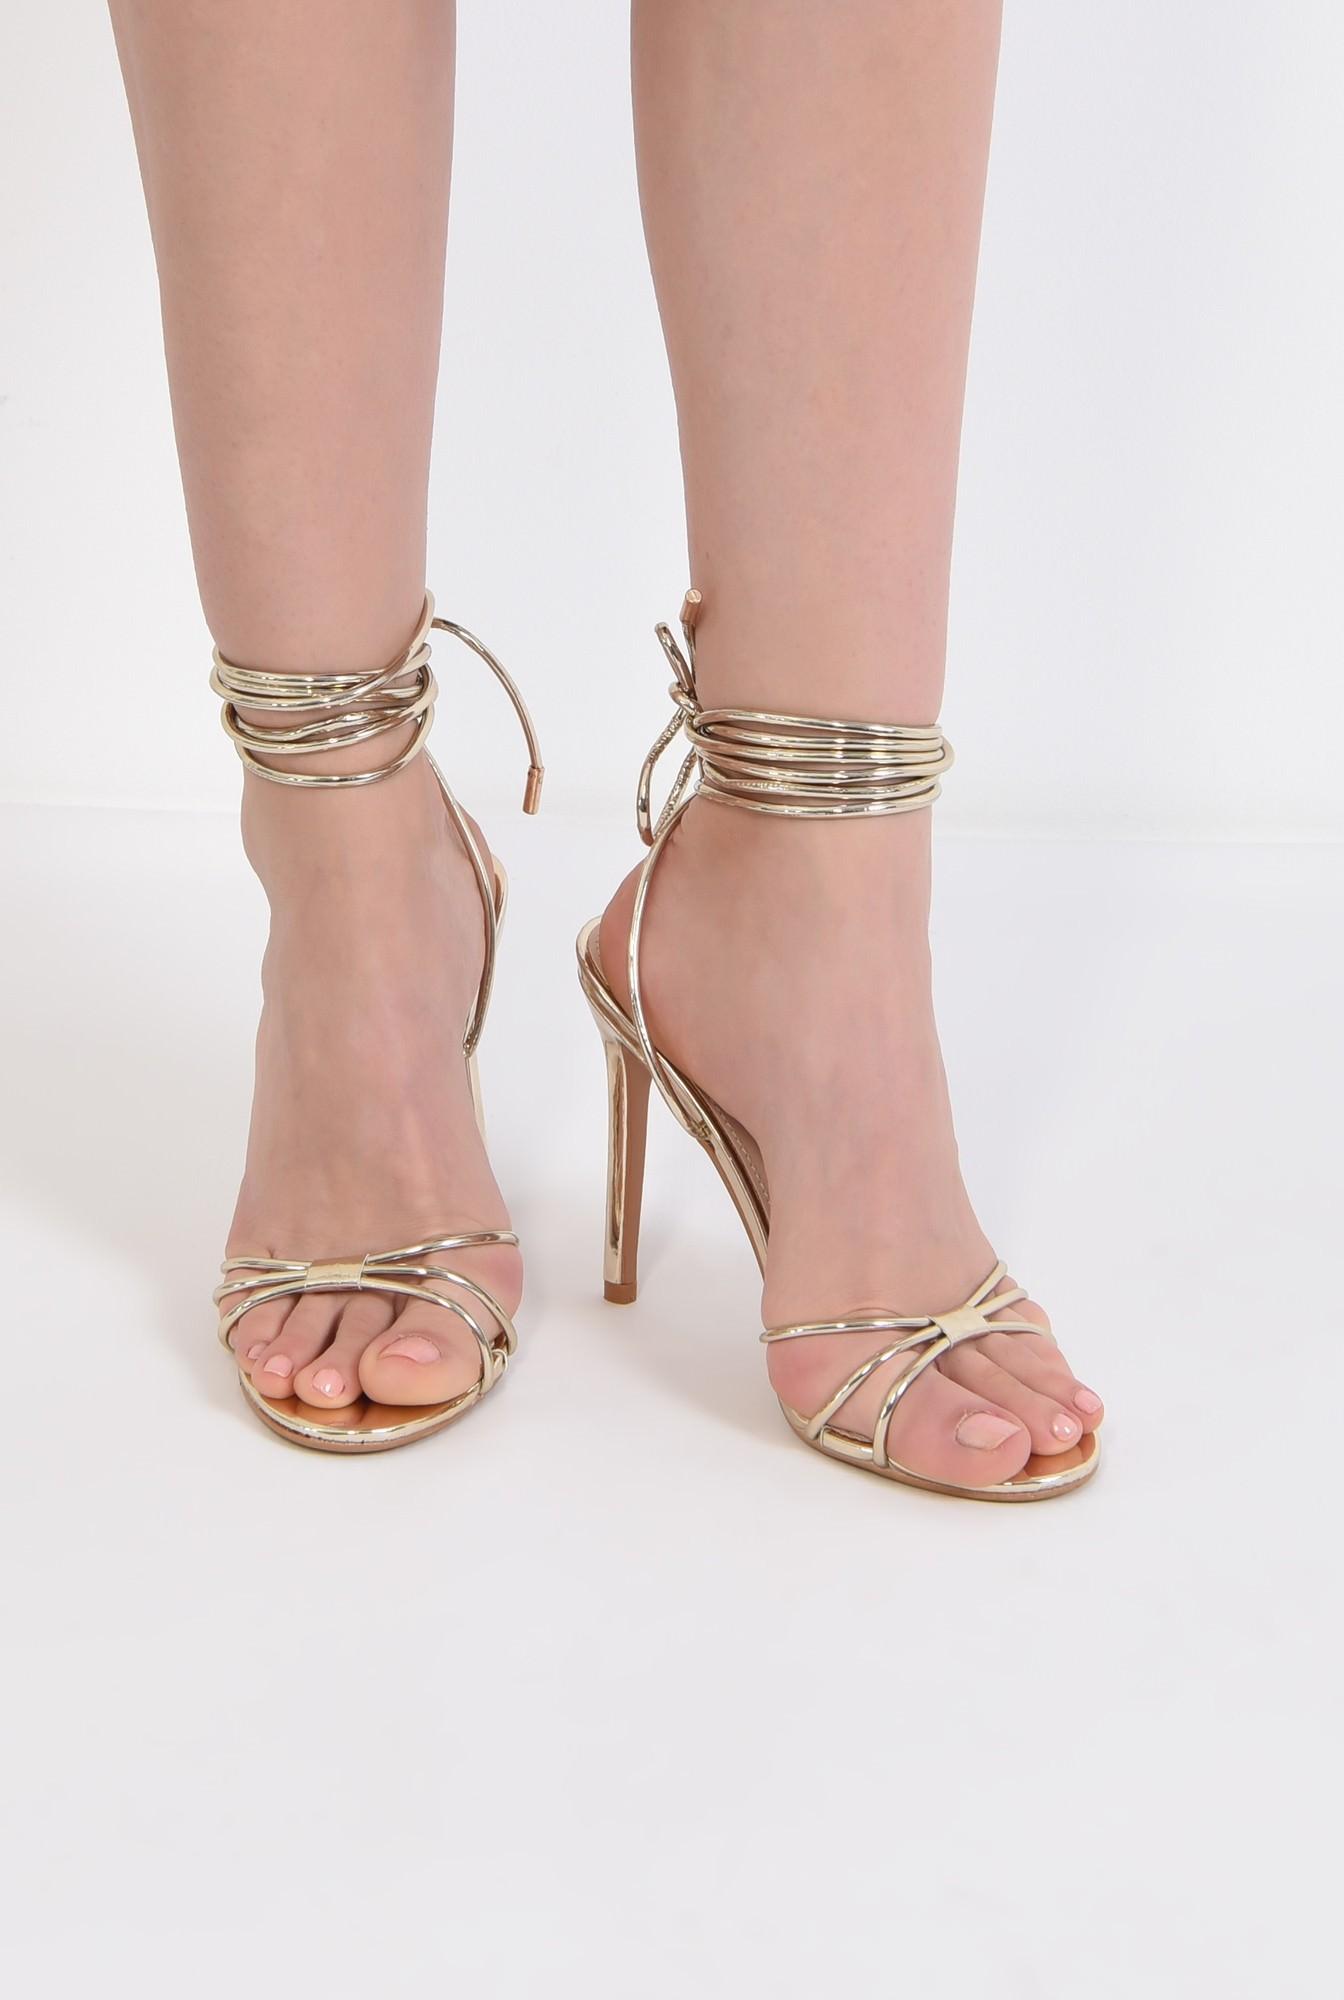 3 - sandale aurii, de ocazie, barete, snur, stiletto